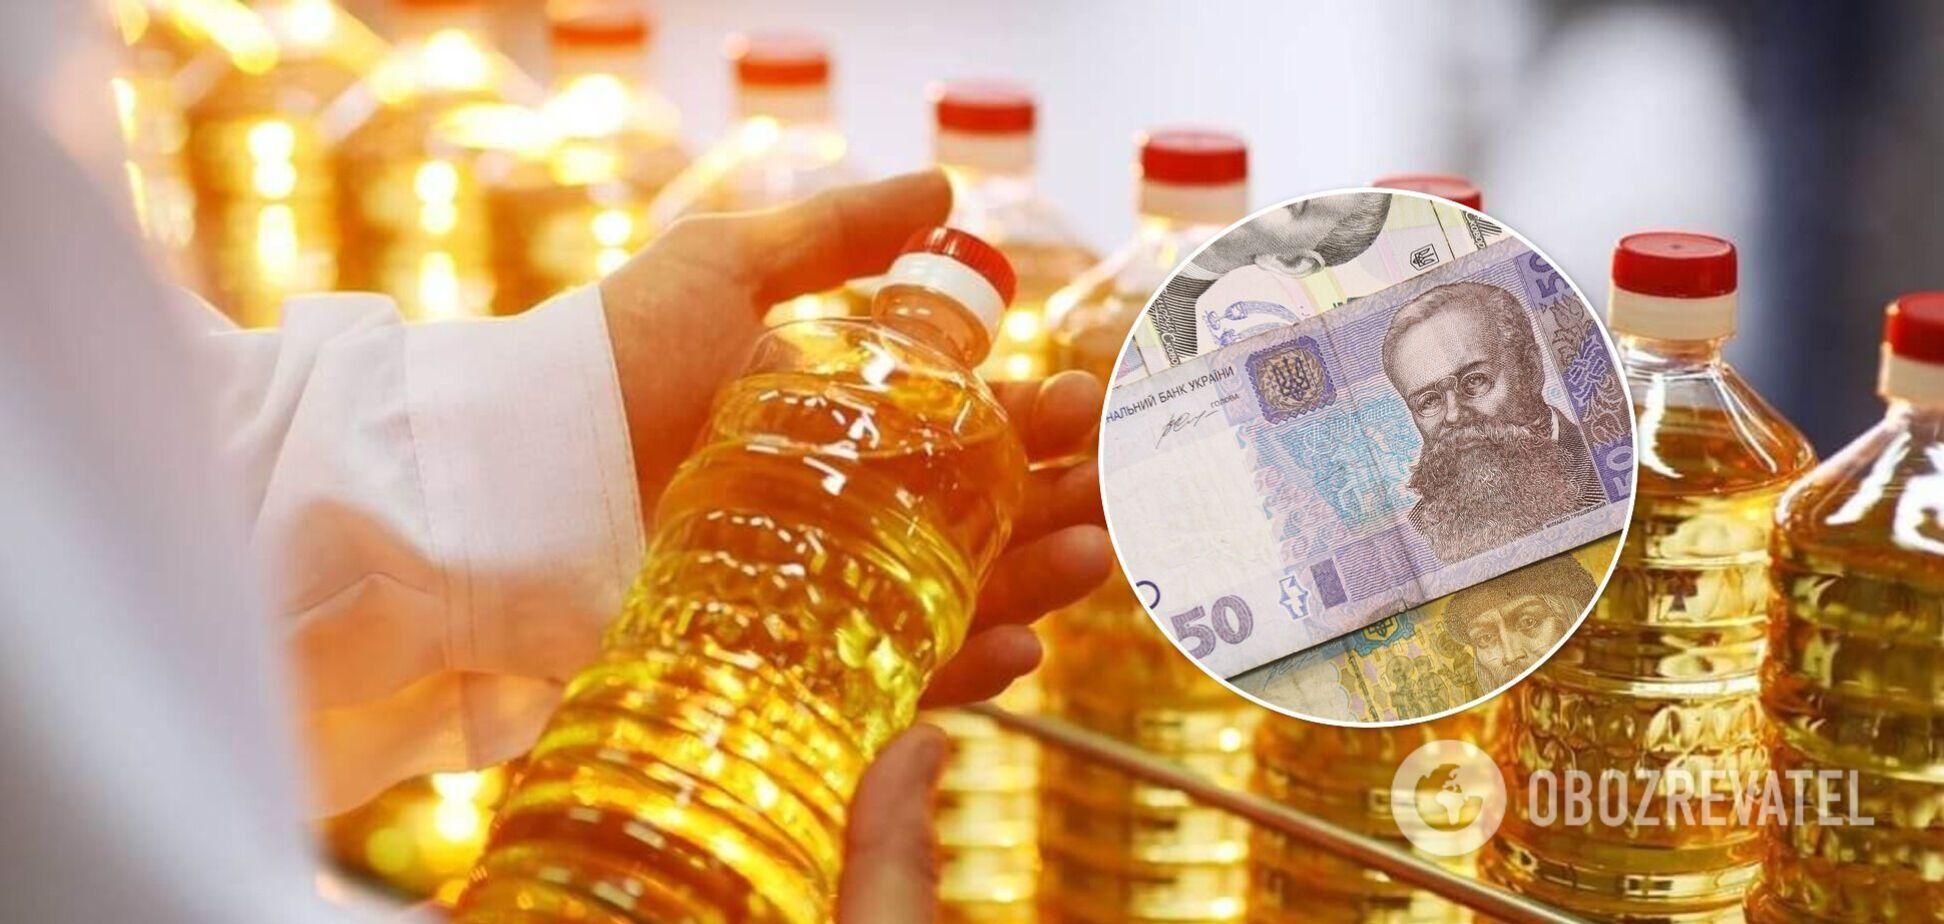 Ціни на соняшникову олію будуть знижуватися